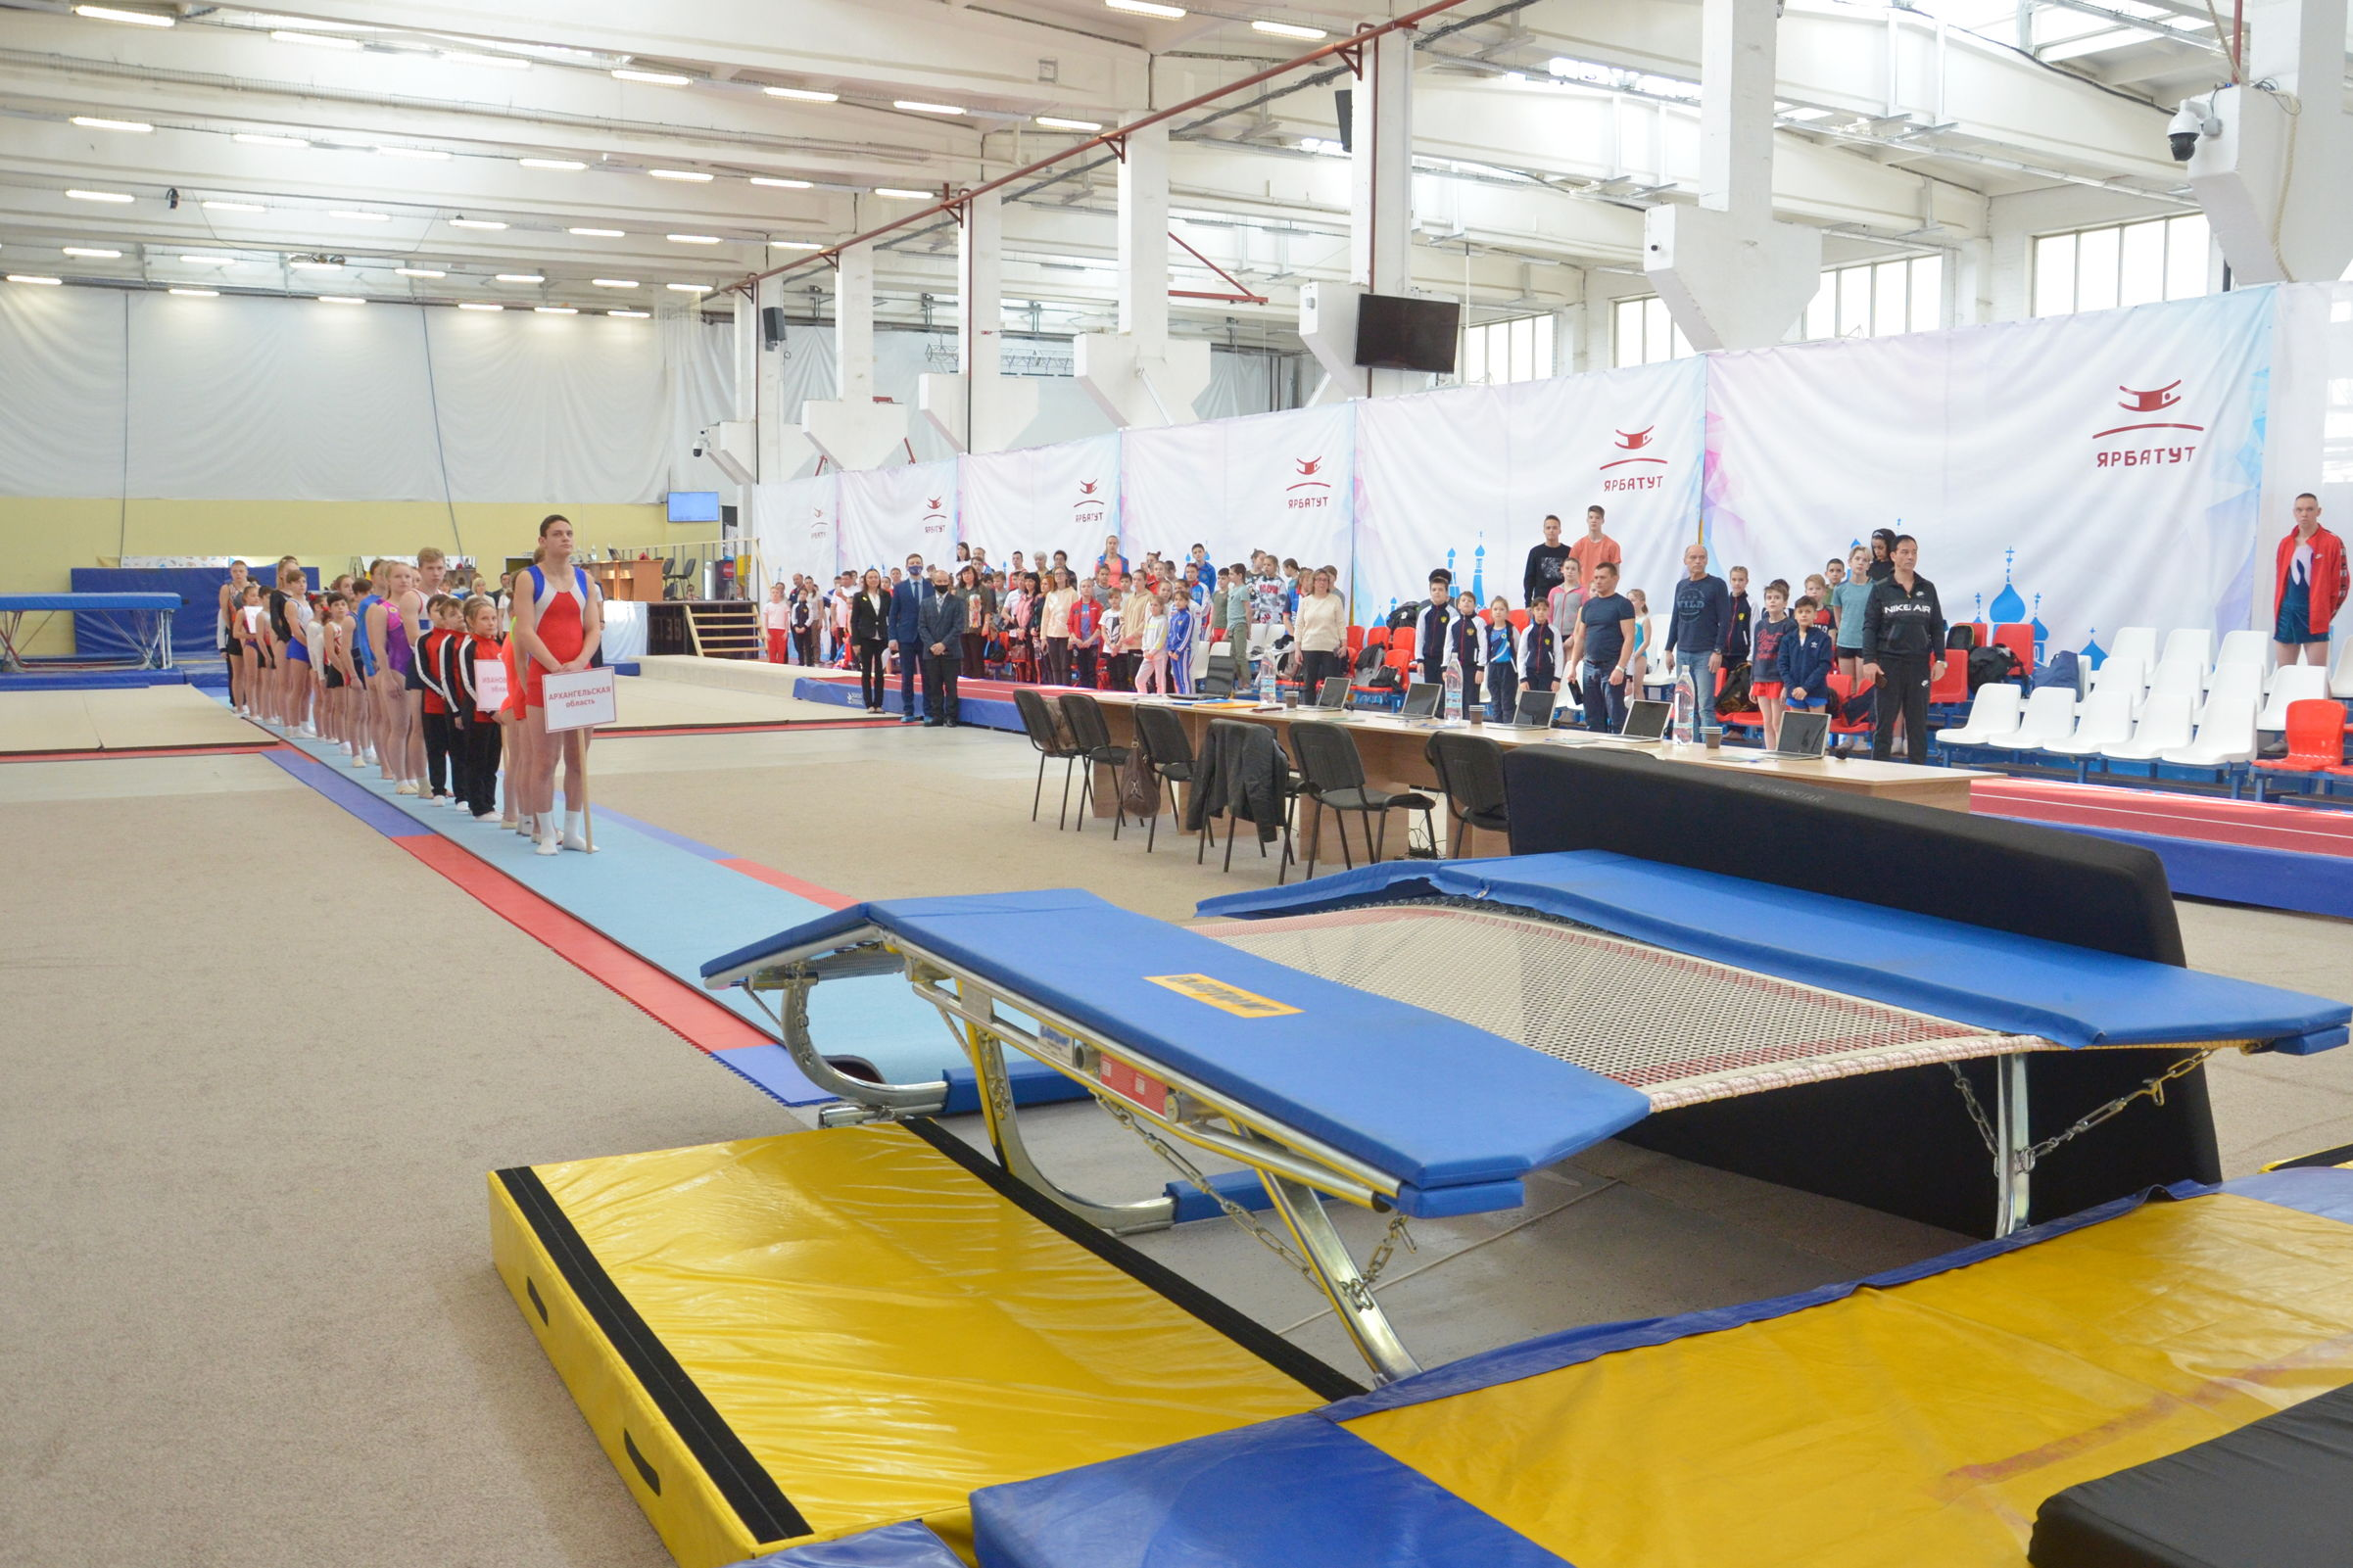 Кубок Ярослава Мудрого по прыжкам на батуте впервые проходит в Ярославле